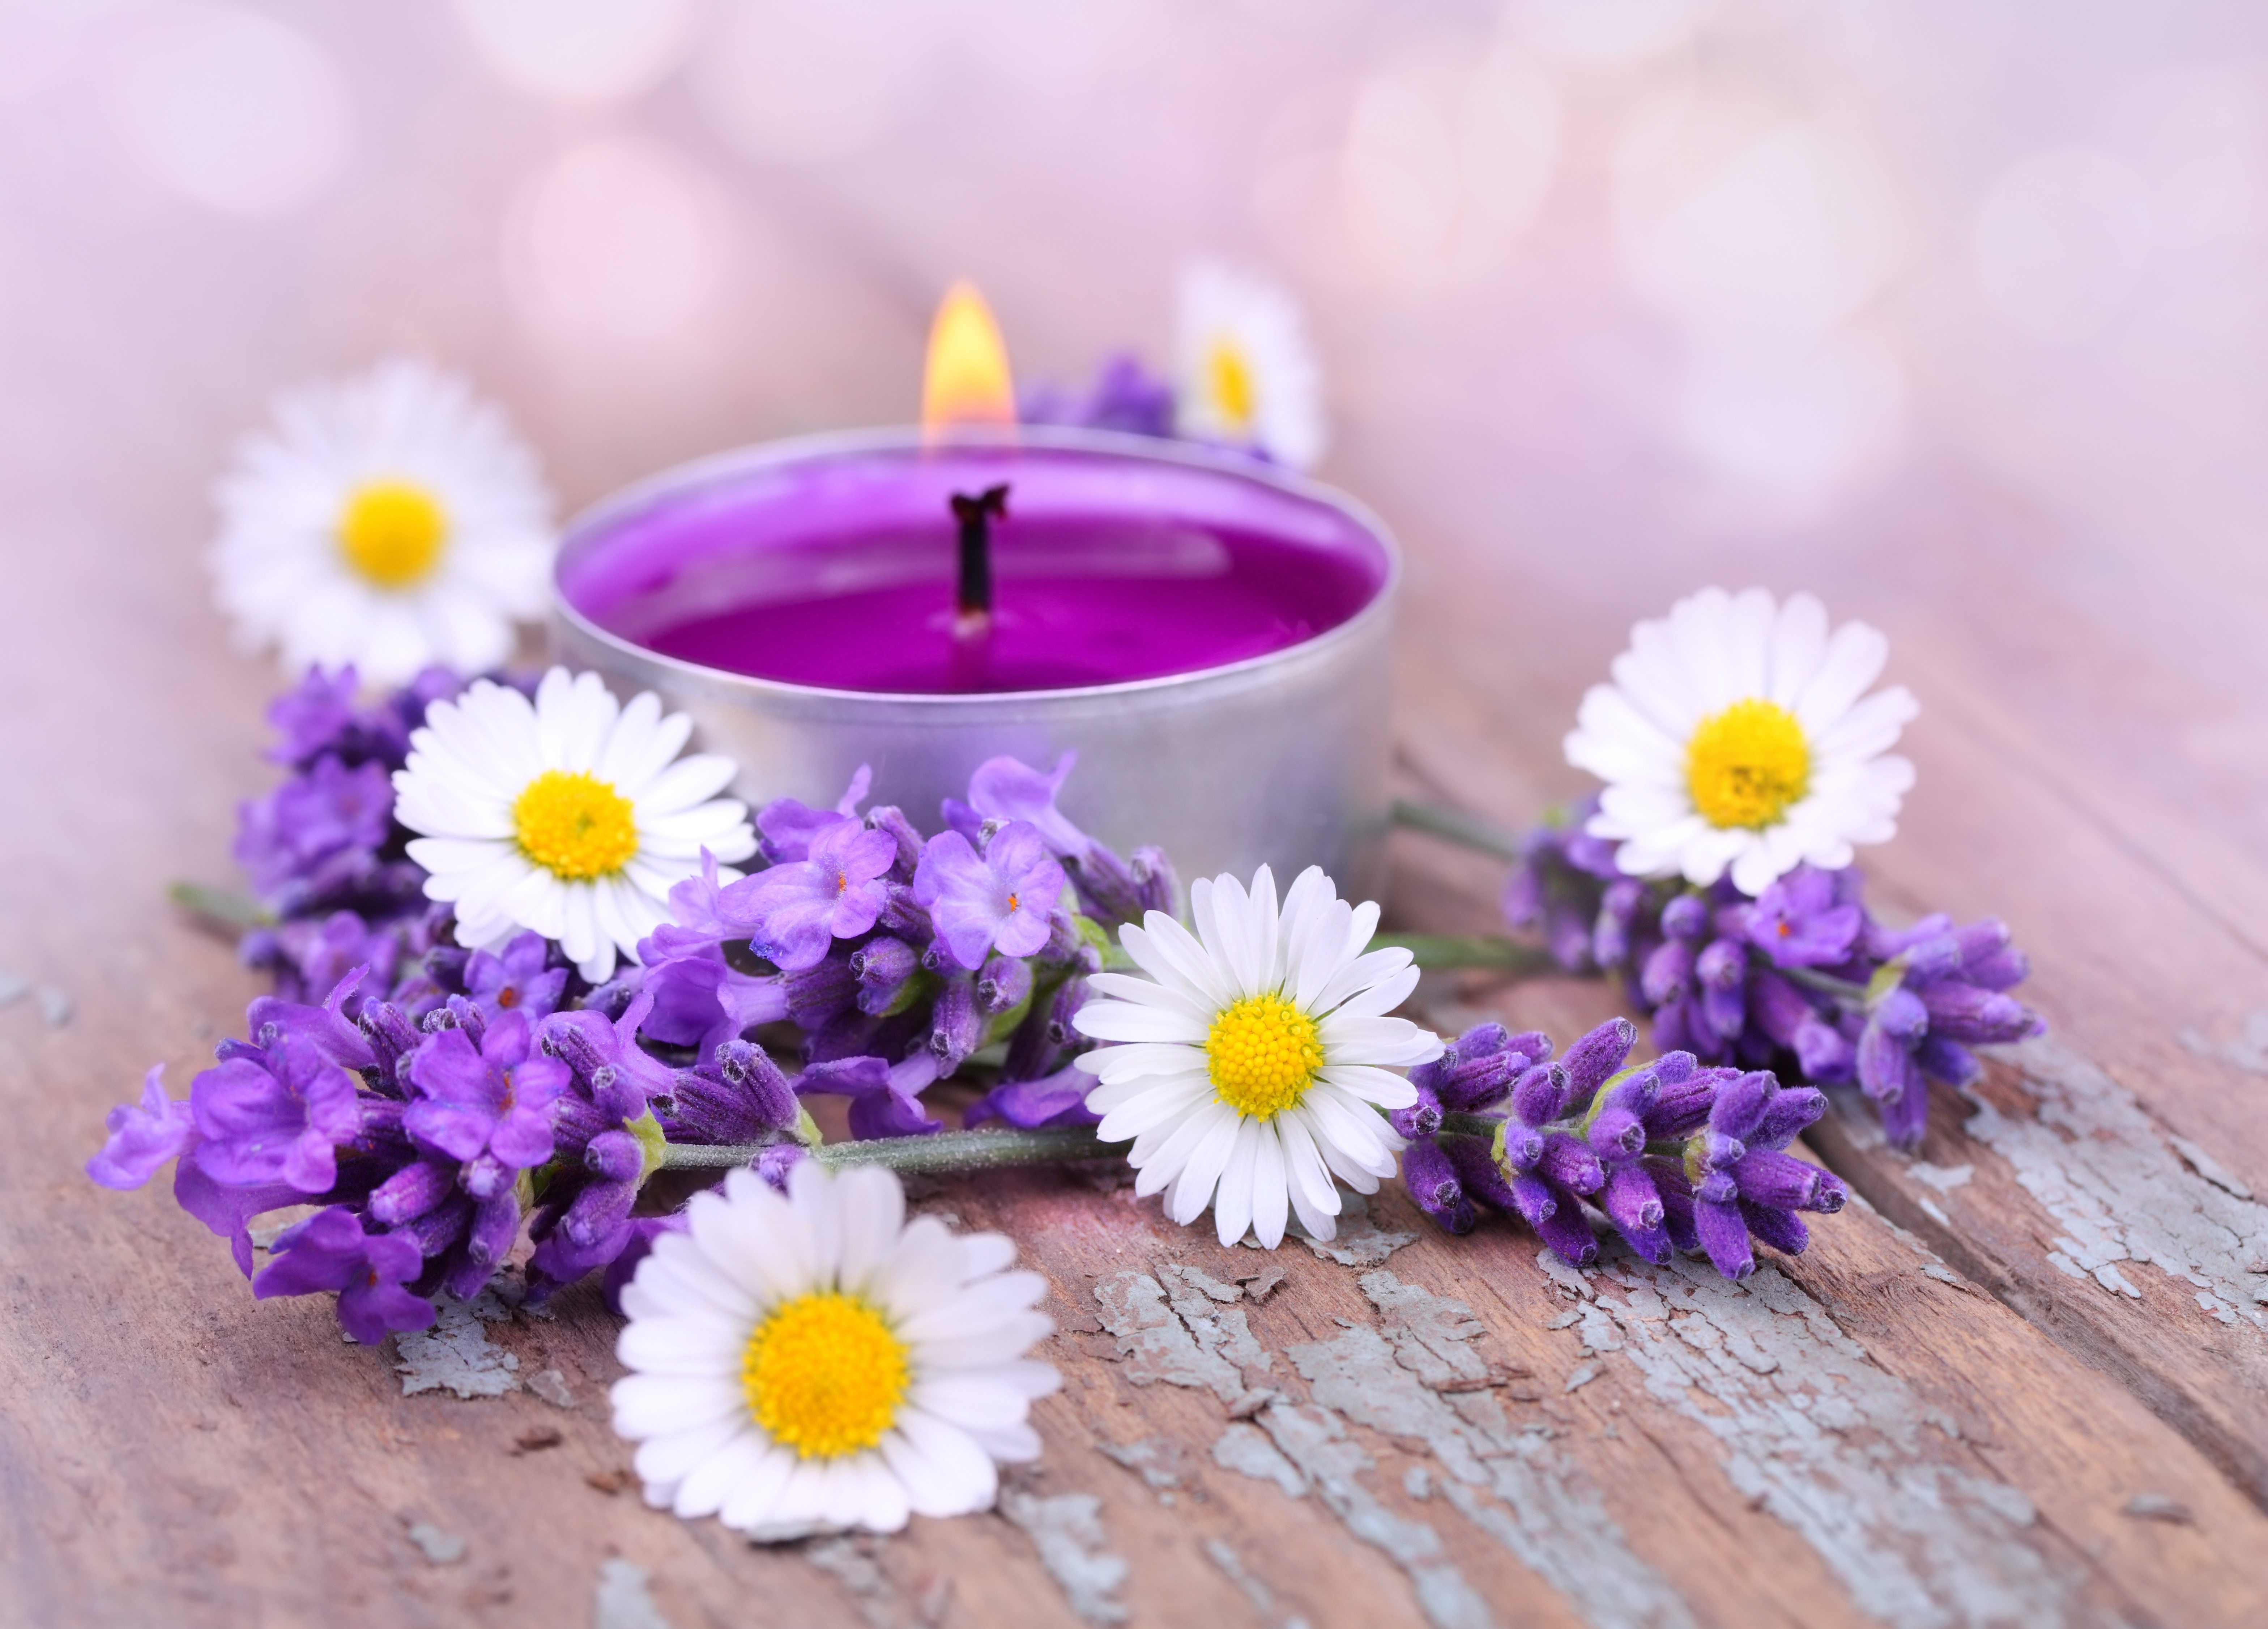 картинки свечи и цветы: